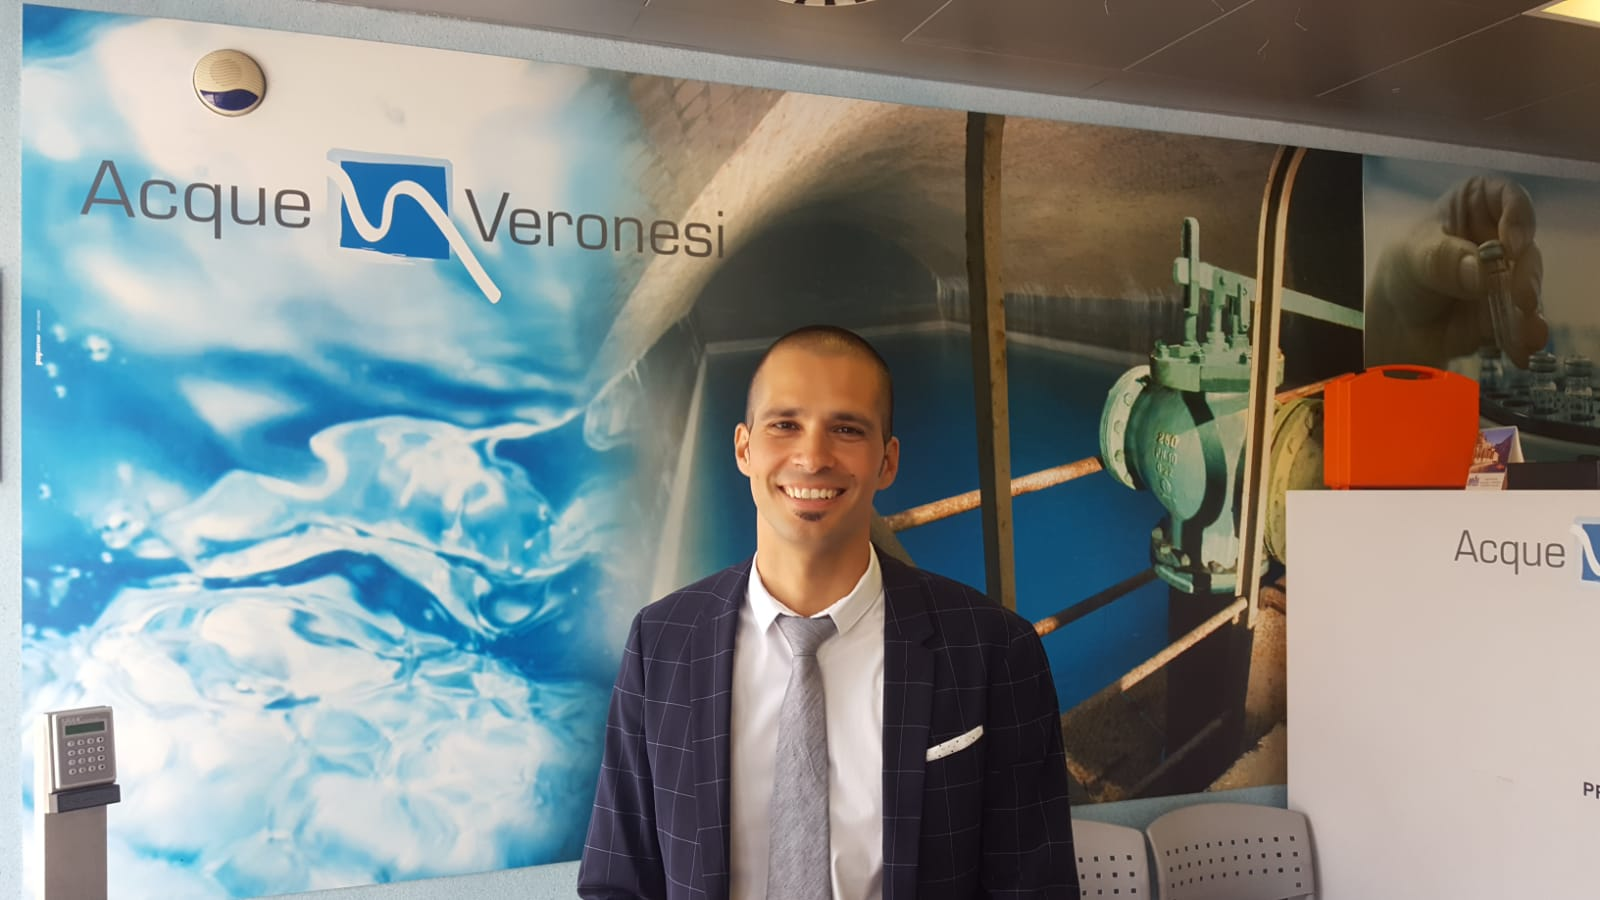 """Viveracqua lancia """"Smart Met"""". Al via il bando di gara per contatori all'avanguardia per l'acqua. Acque Veronesi partecipa ad un progetto europeo per migliorare efficienza e tecnologia a vantaggio della collettività."""